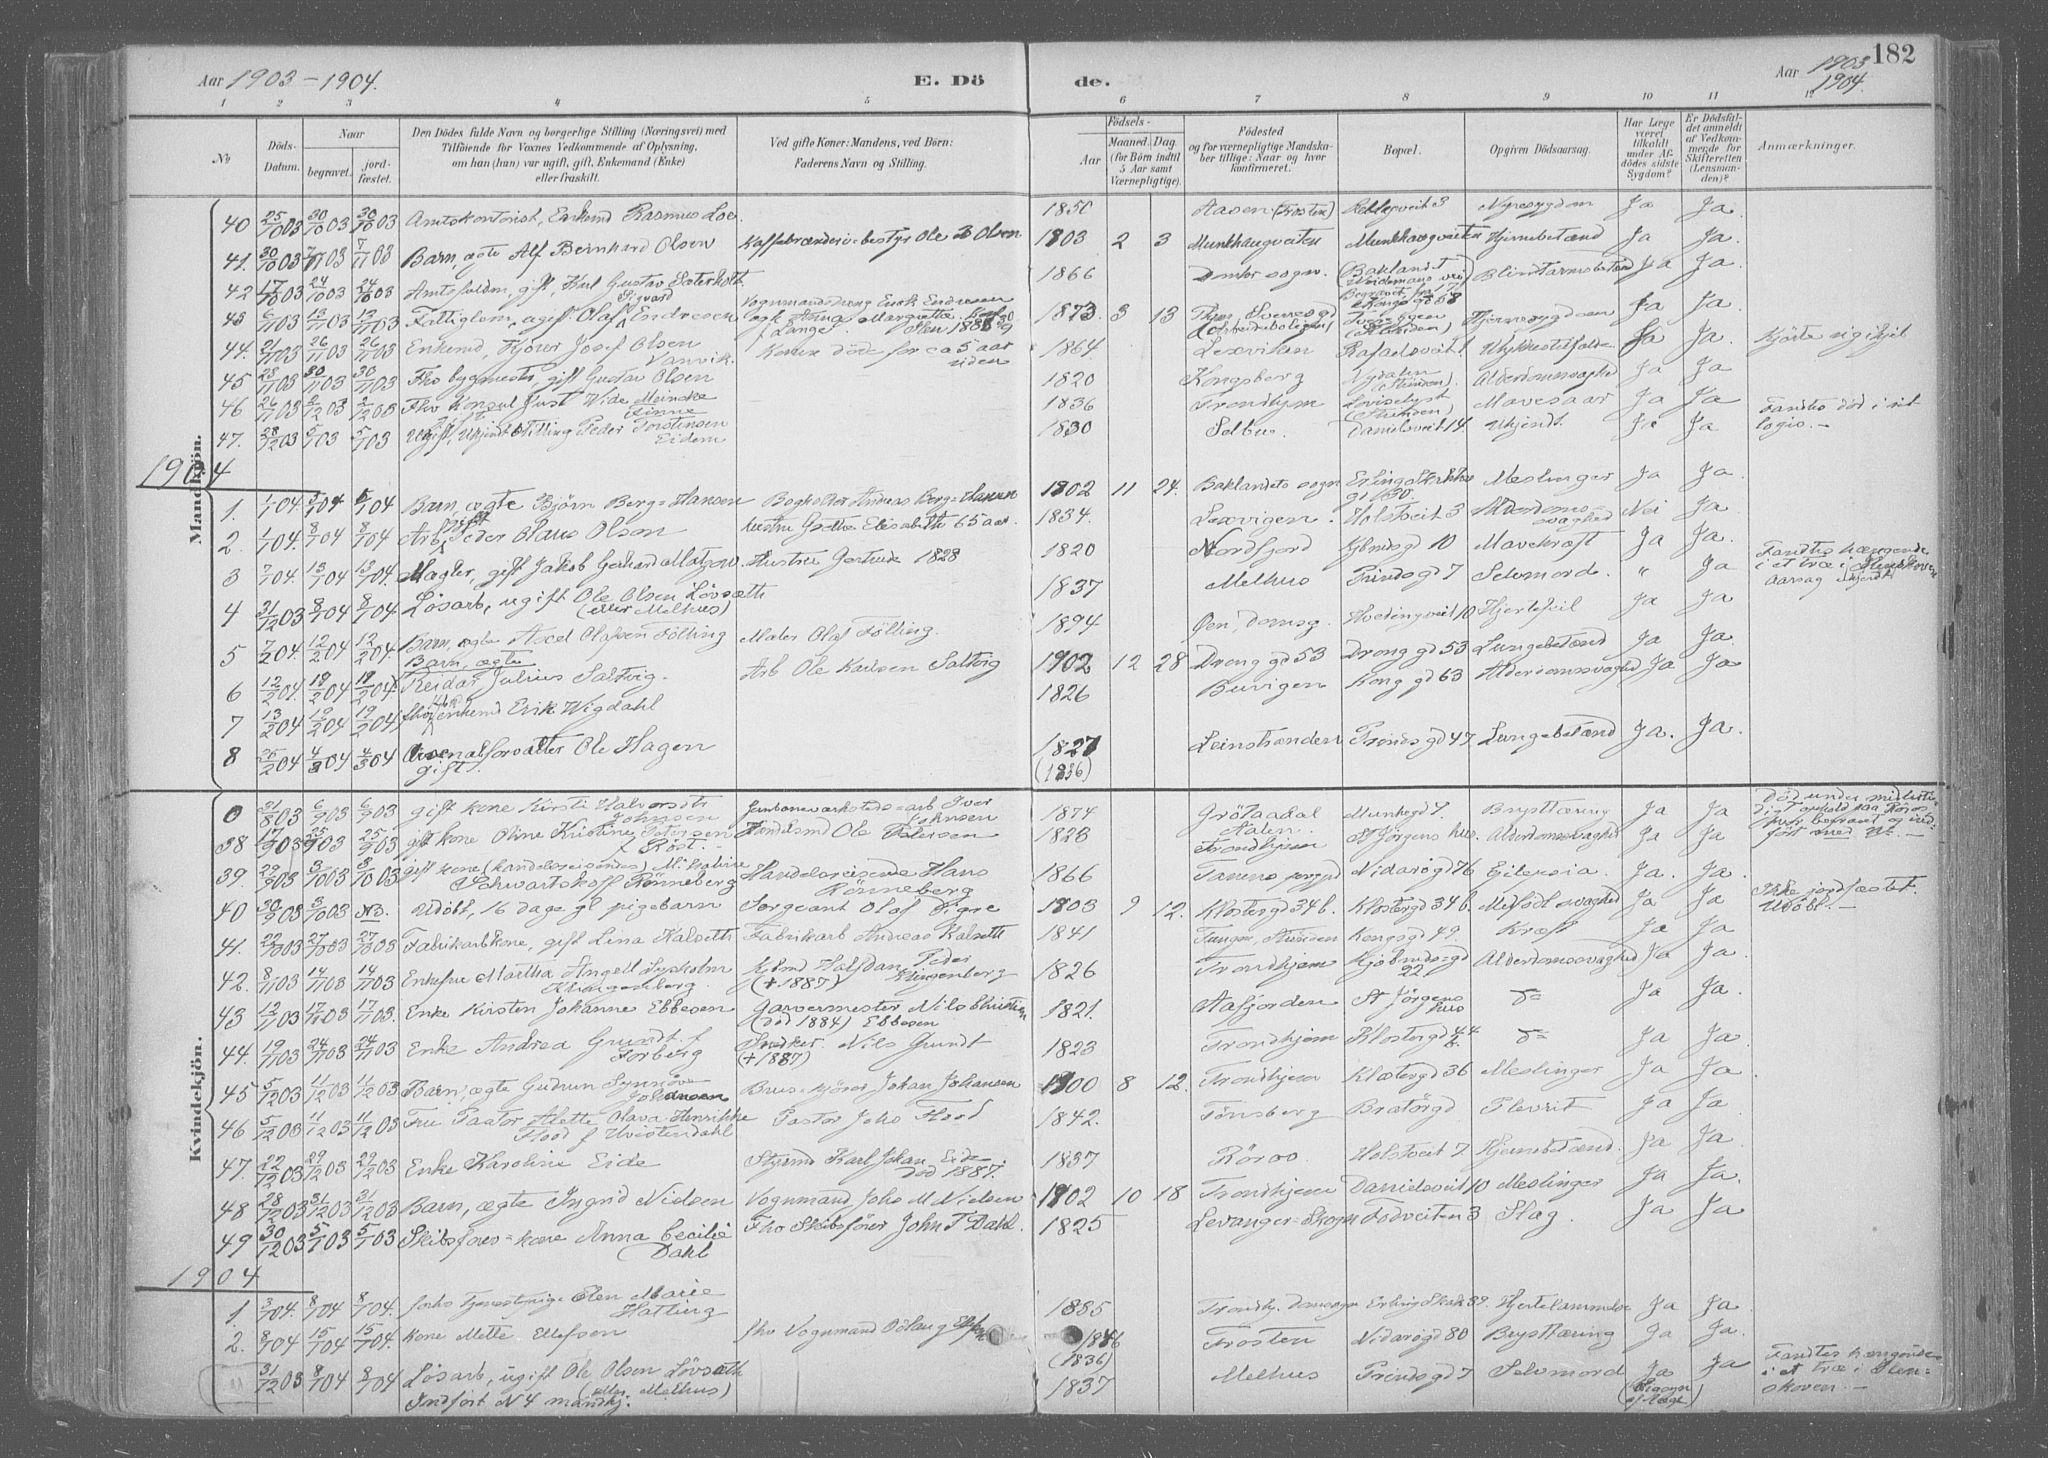 SAT, Ministerialprotokoller, klokkerbøker og fødselsregistre - Sør-Trøndelag, 601/L0064: Ministerialbok nr. 601A31, 1891-1911, s. 182